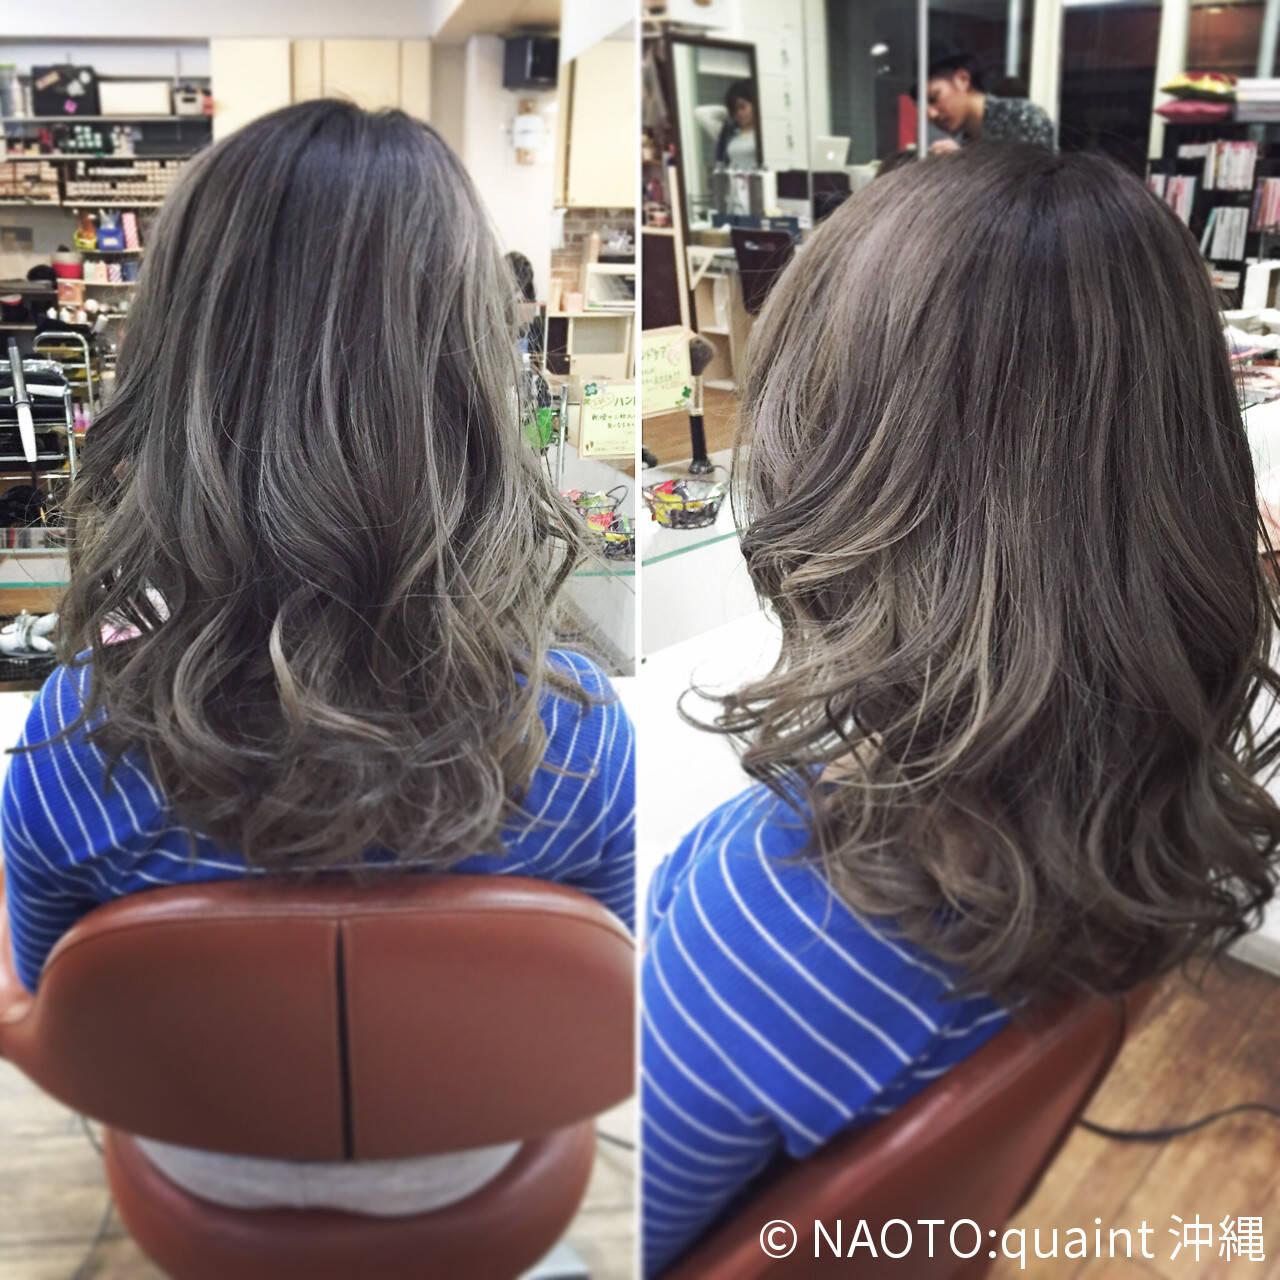 シルバー アッシュ セミロング ガーリーヘアスタイルや髪型の写真・画像